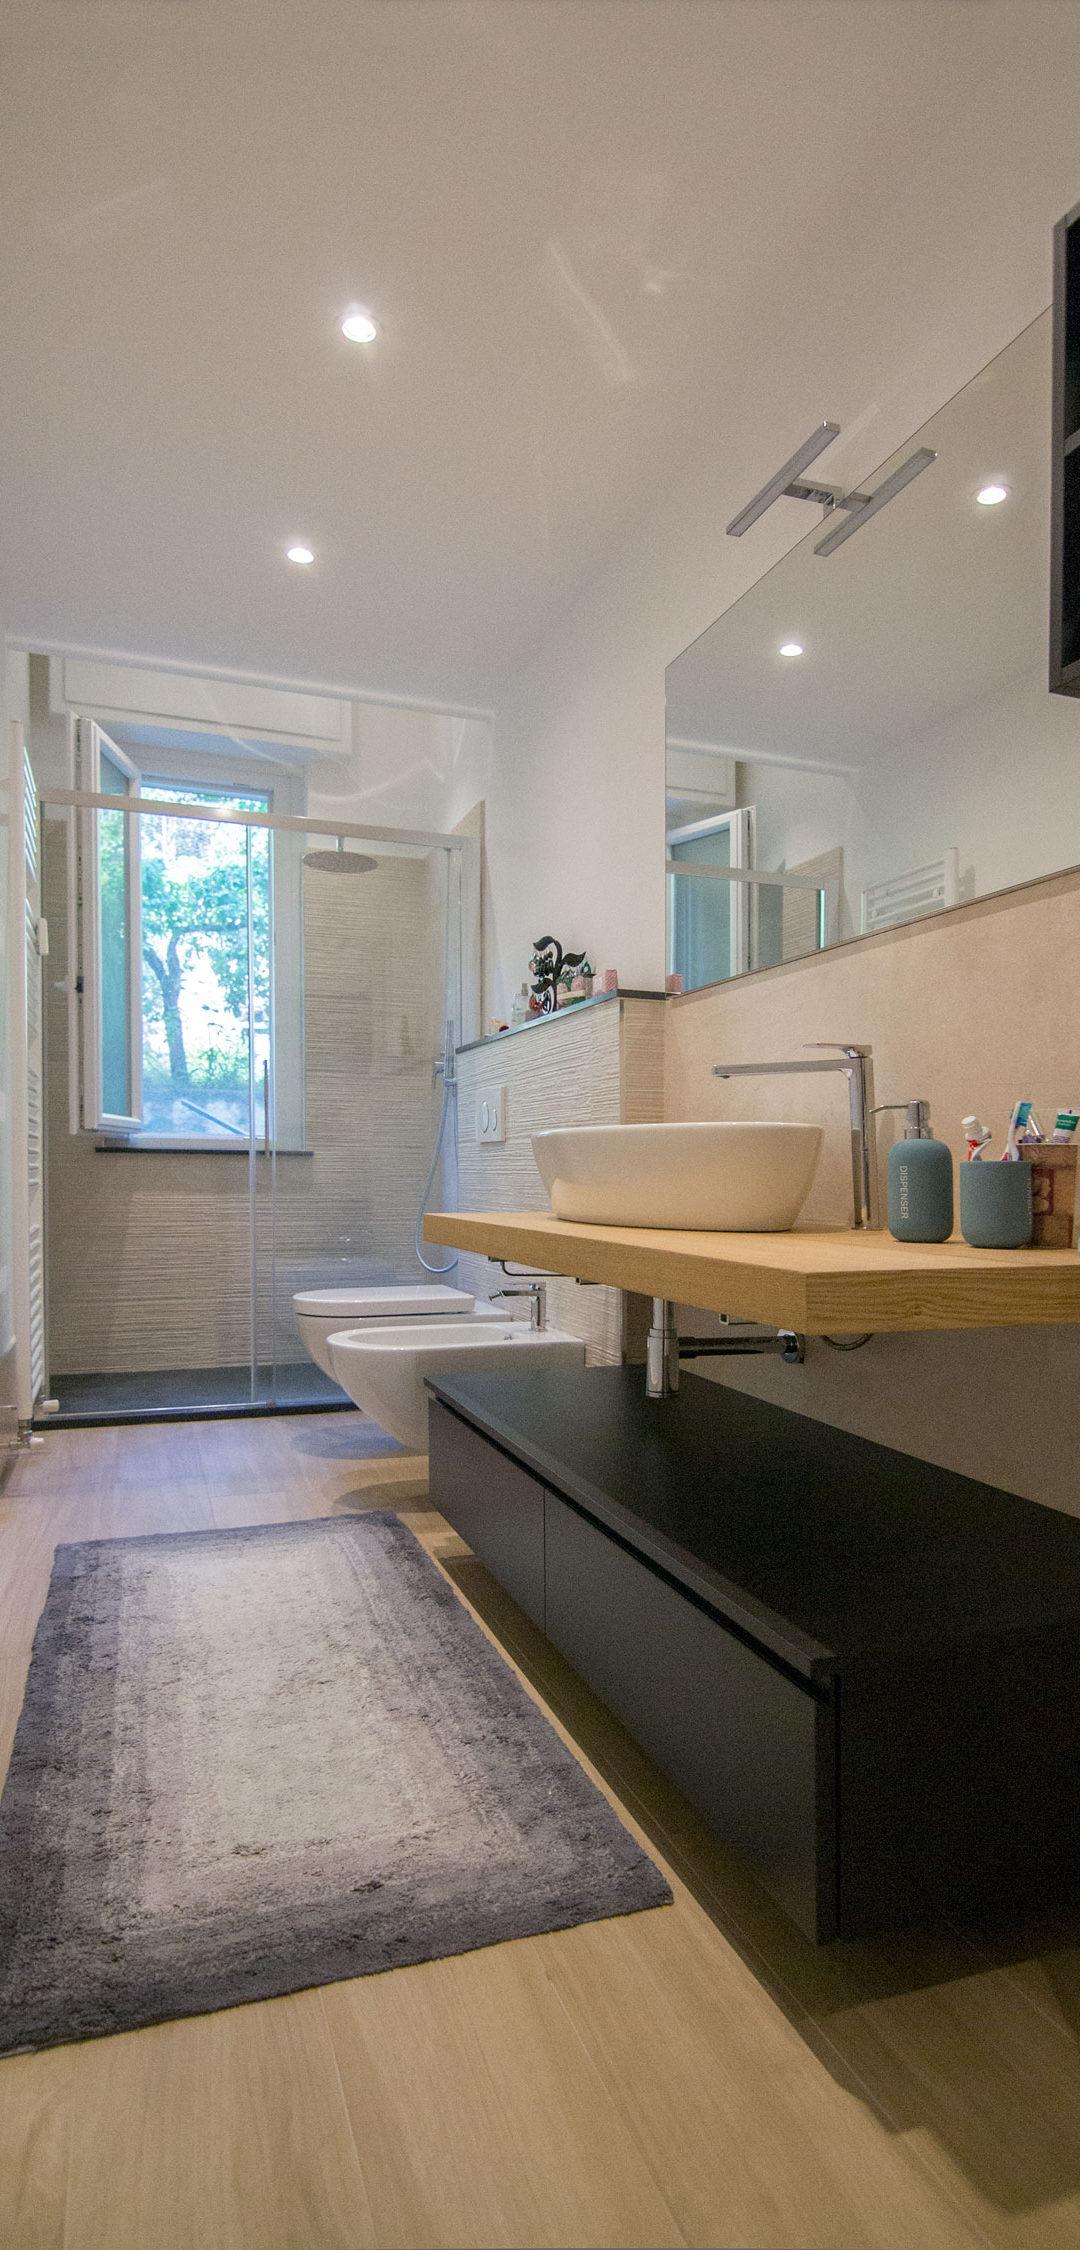 bagno-realizzazione-centro arredamento ligure